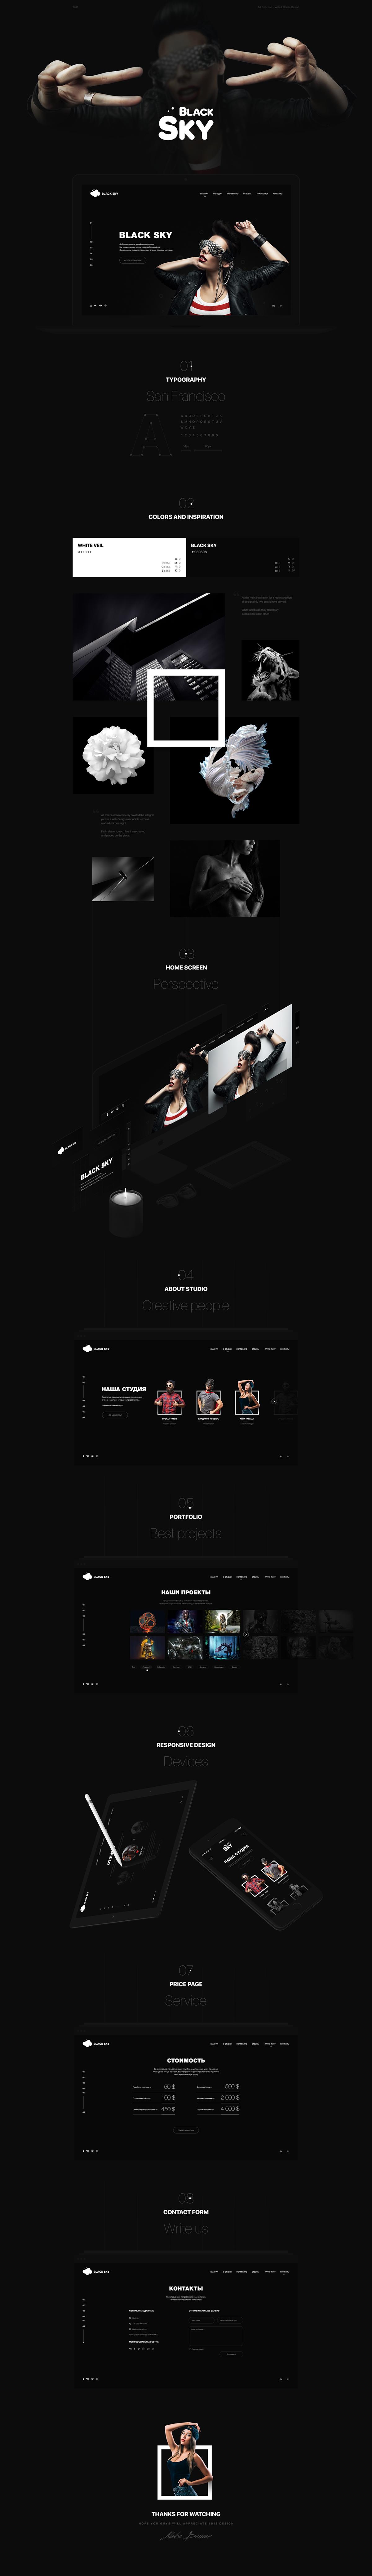 黑色天空网页设计